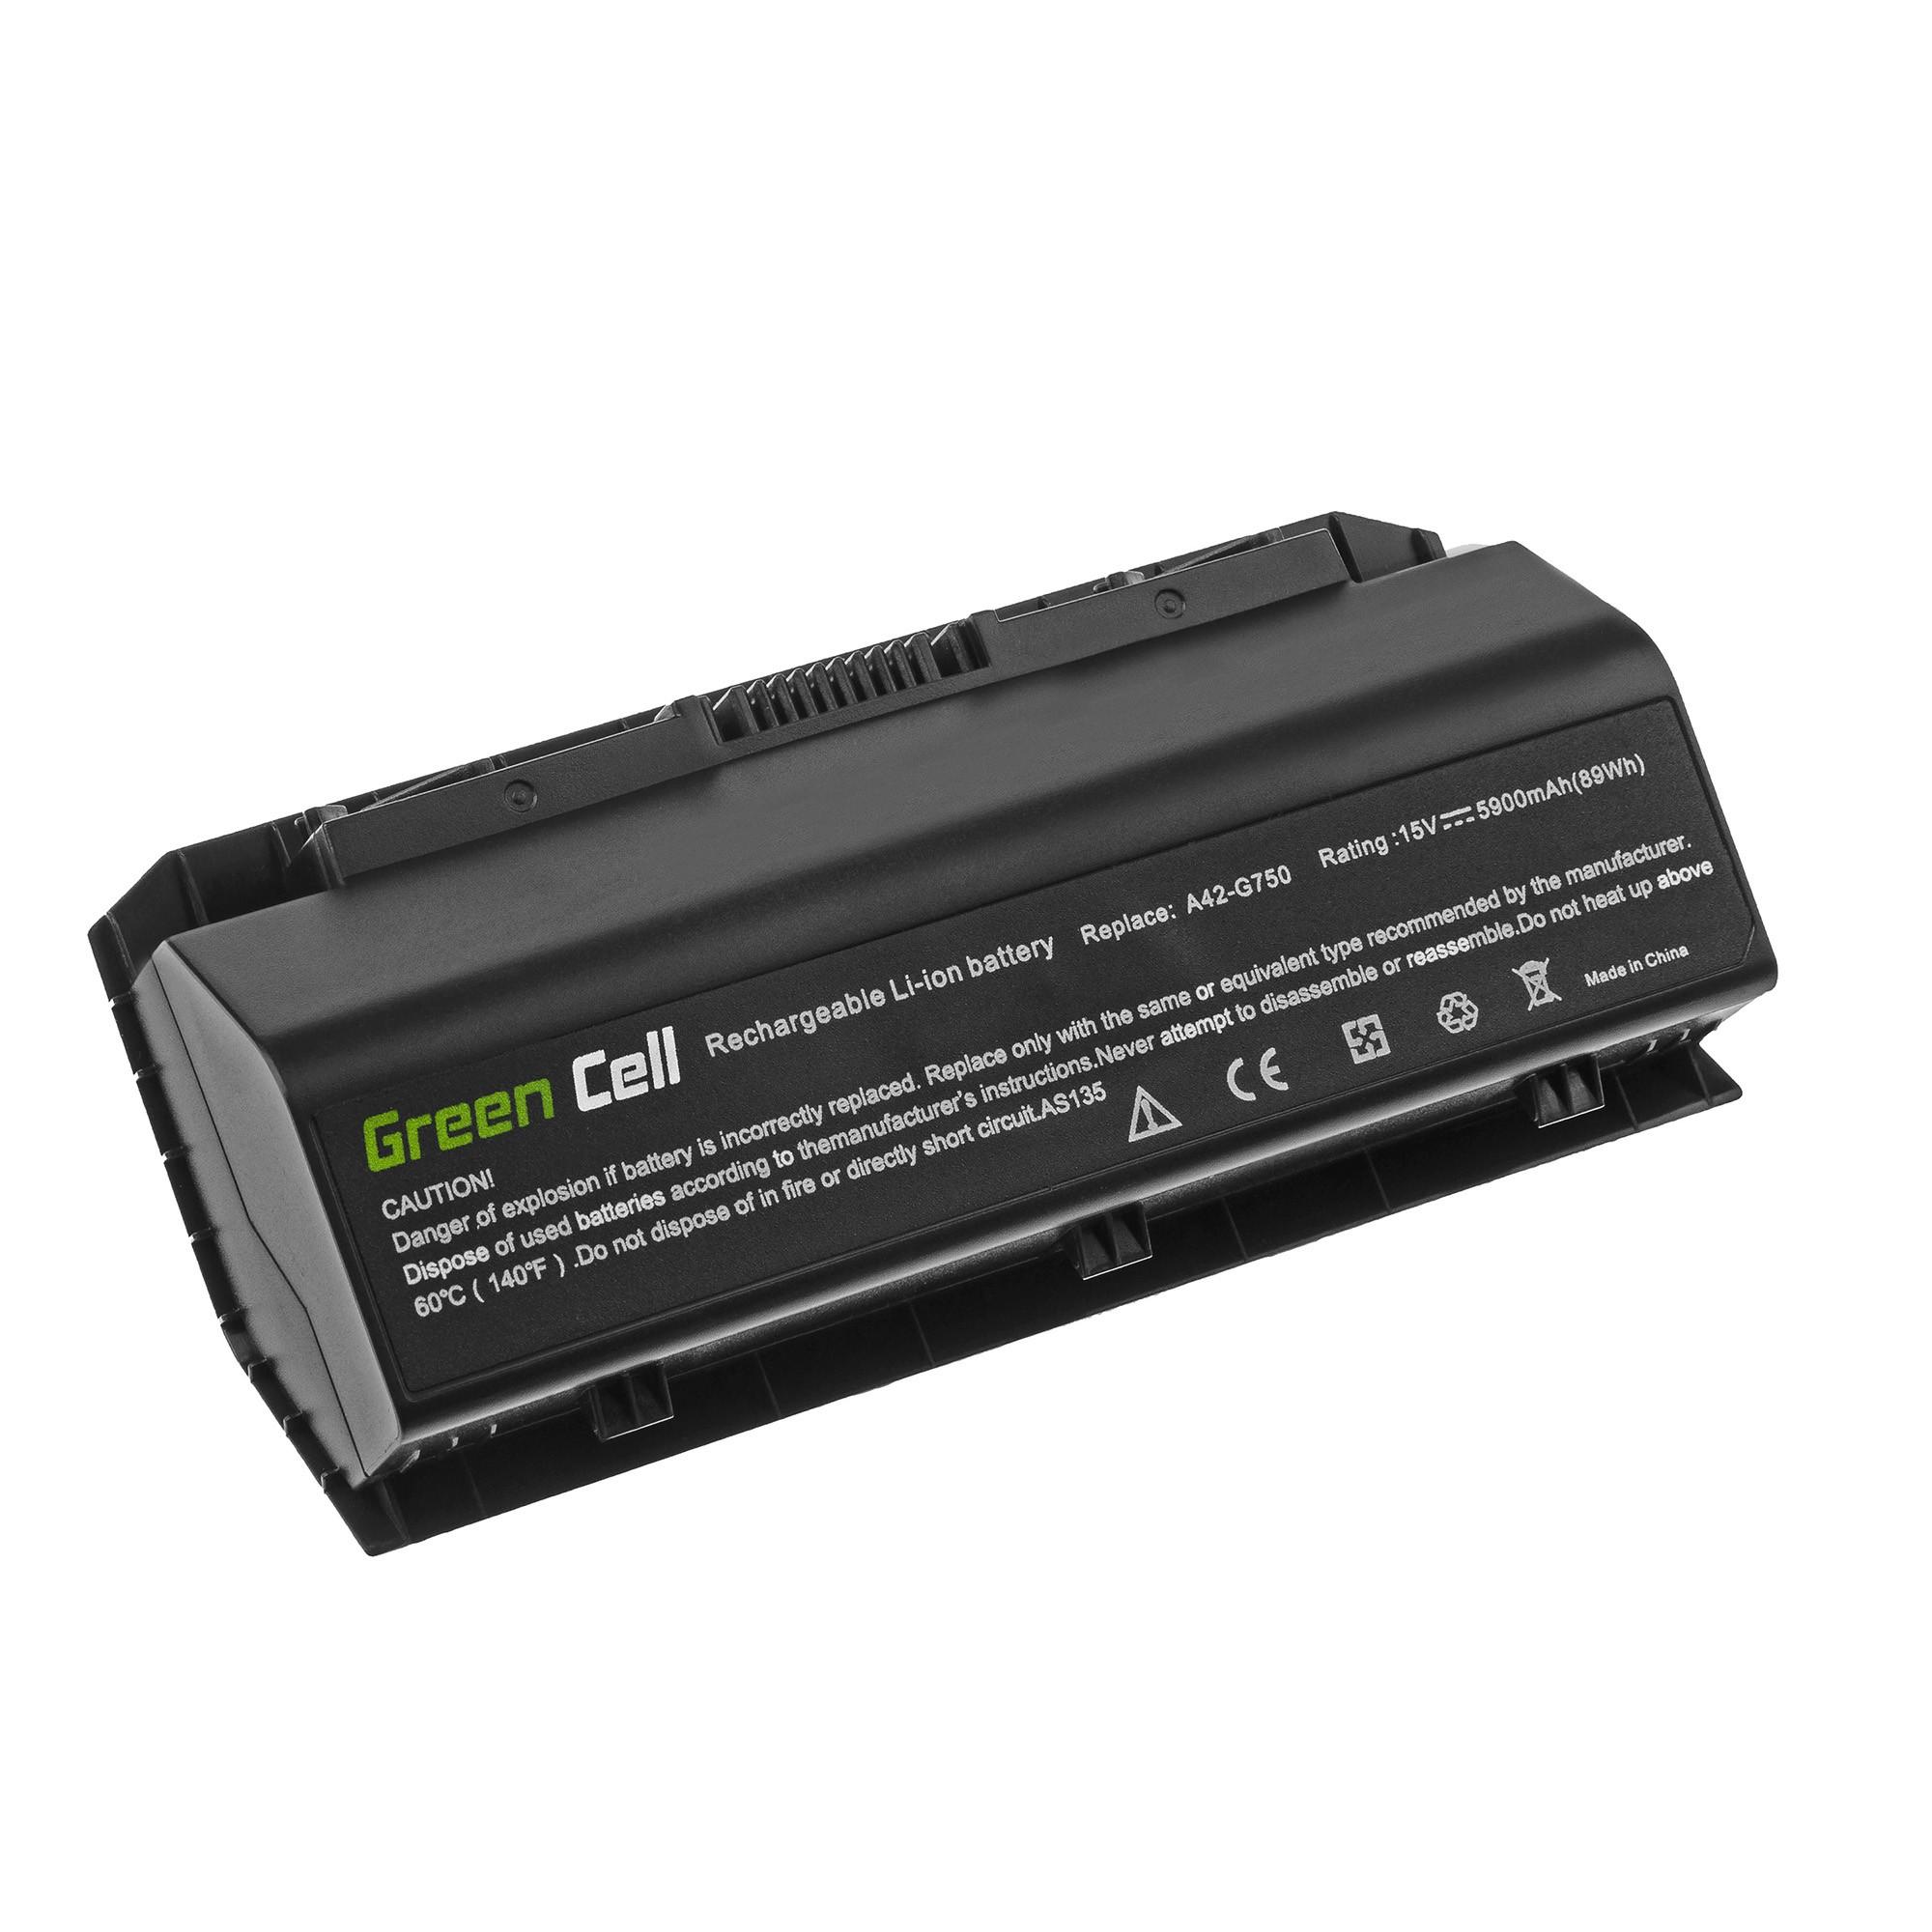 Green Cell A42-G750 Battery for Asus G750 G750J G750JH G750JM G750JS G750JW G750JX G750JZ / 15V 5900mAh akumulators, baterija portatīvajiem datoriem